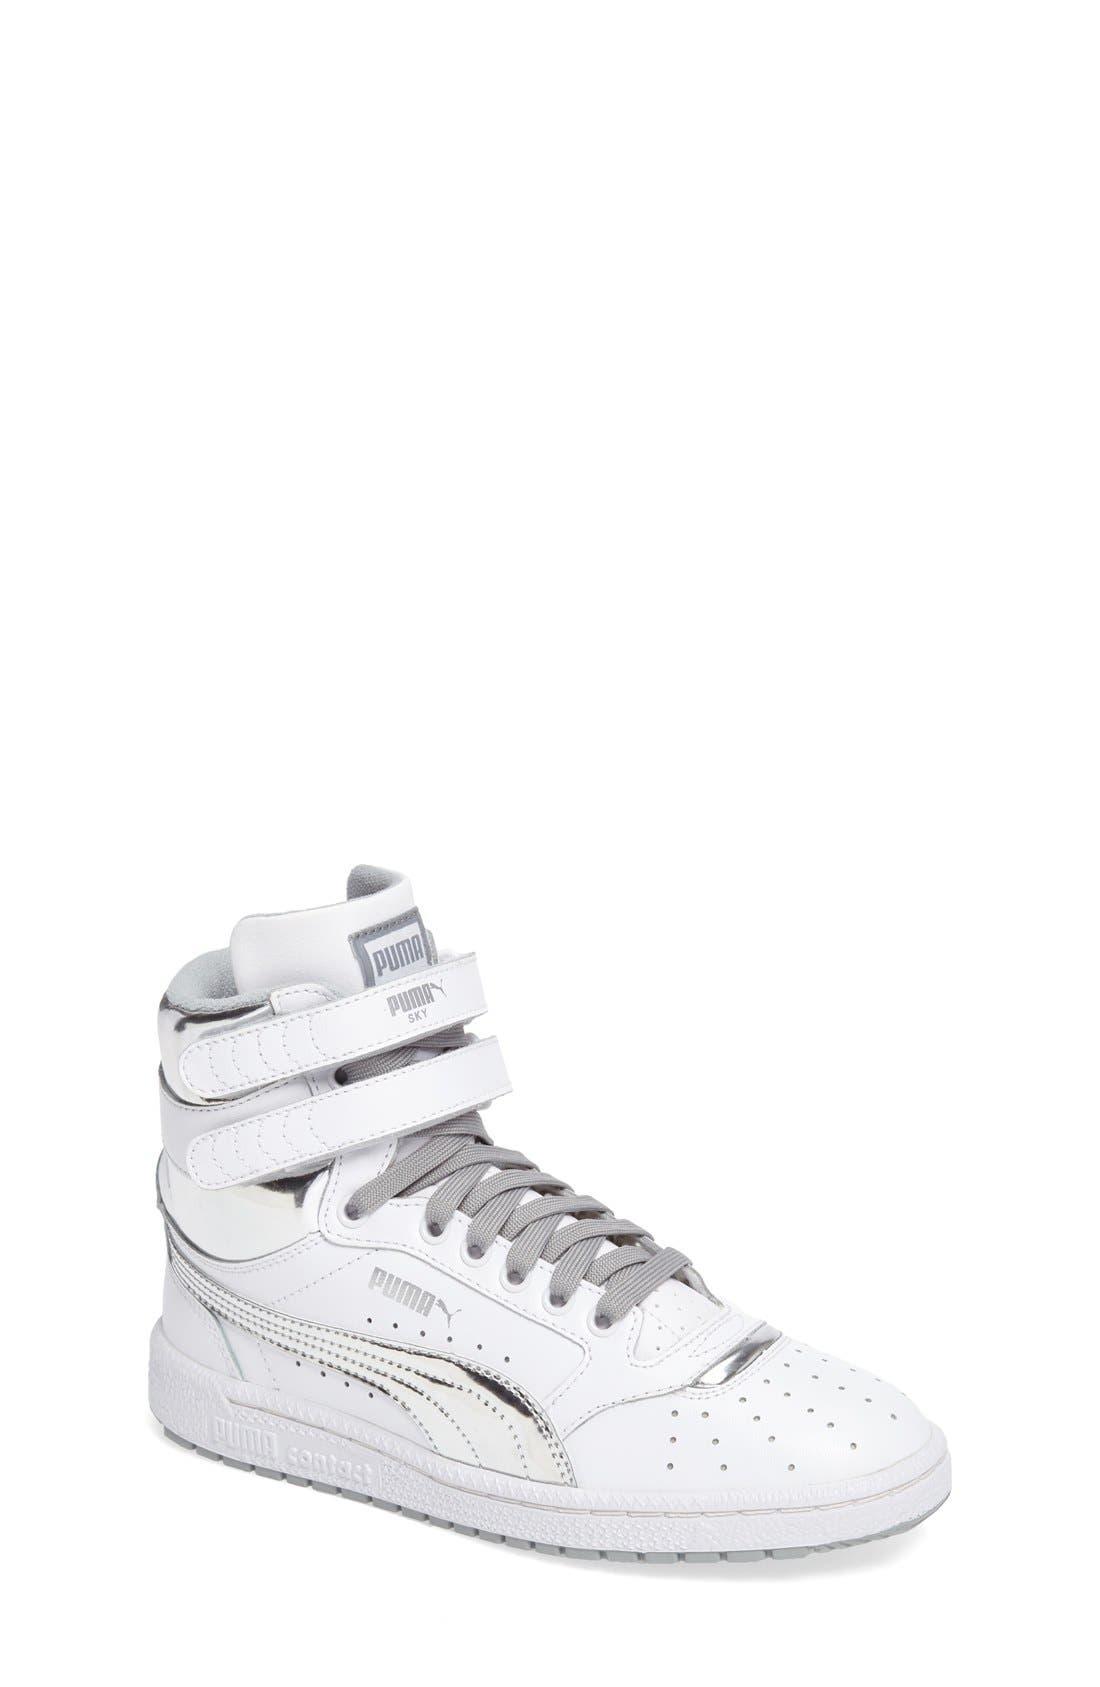 PUMA Sky II Hi Foil Jr Sneaker